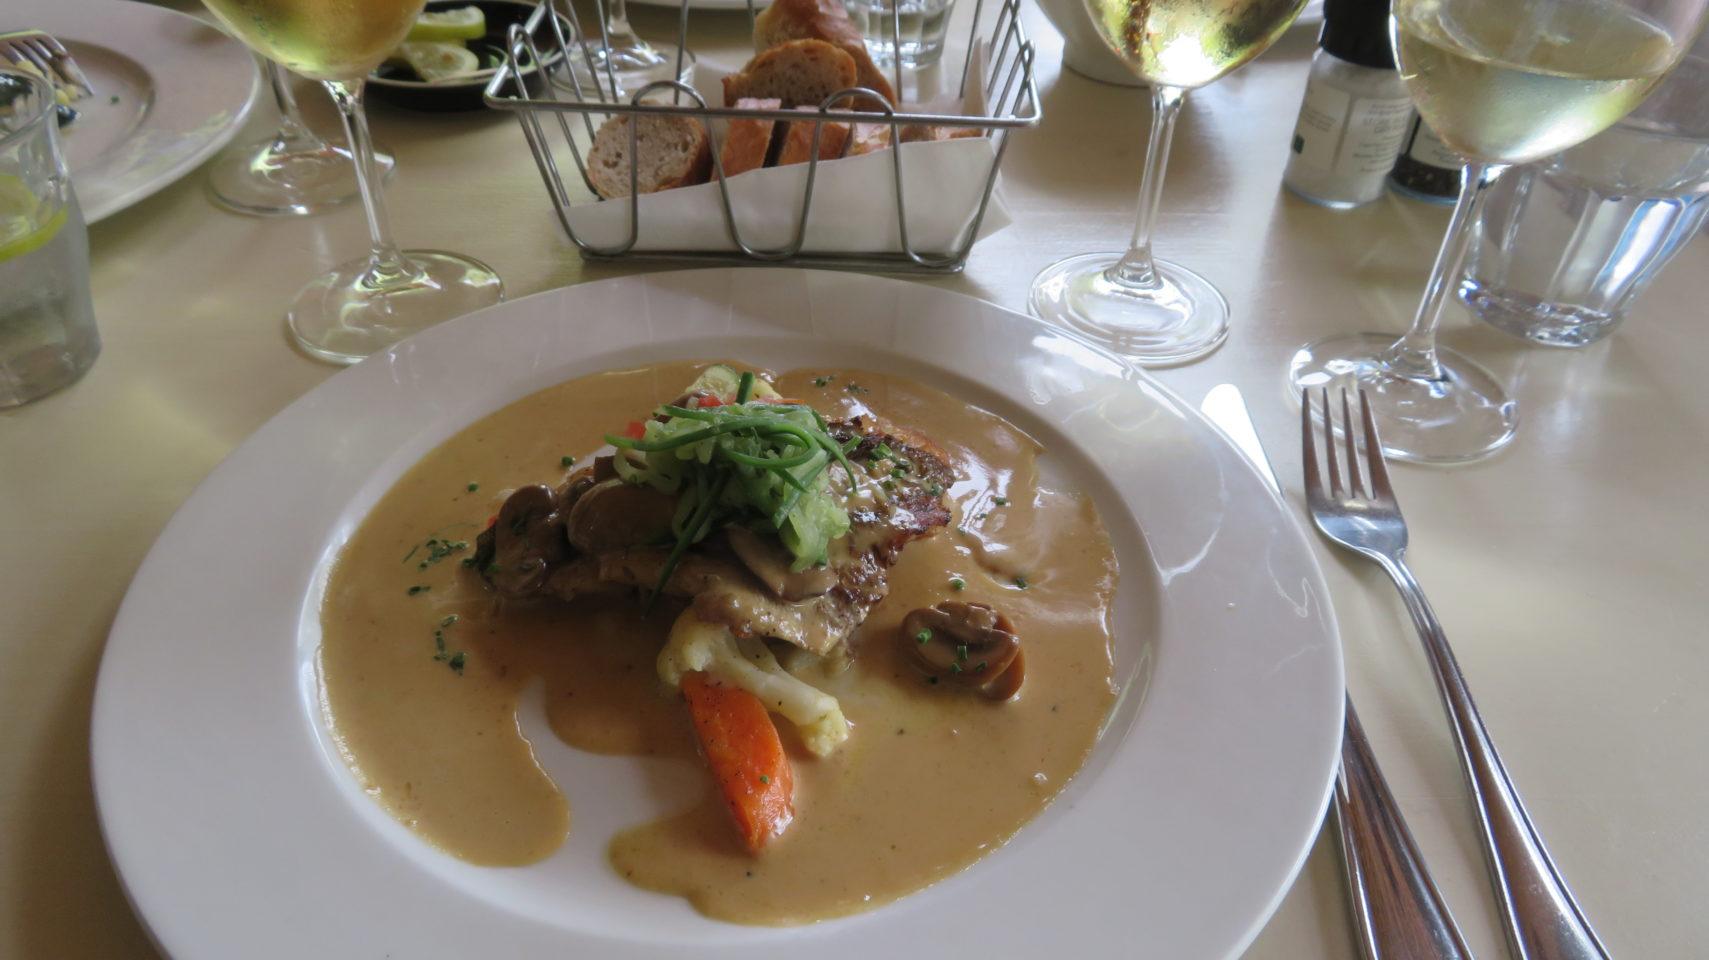 Superb Line Fish dish at Joostenberg Bistro in Stellenbosch, South Africa